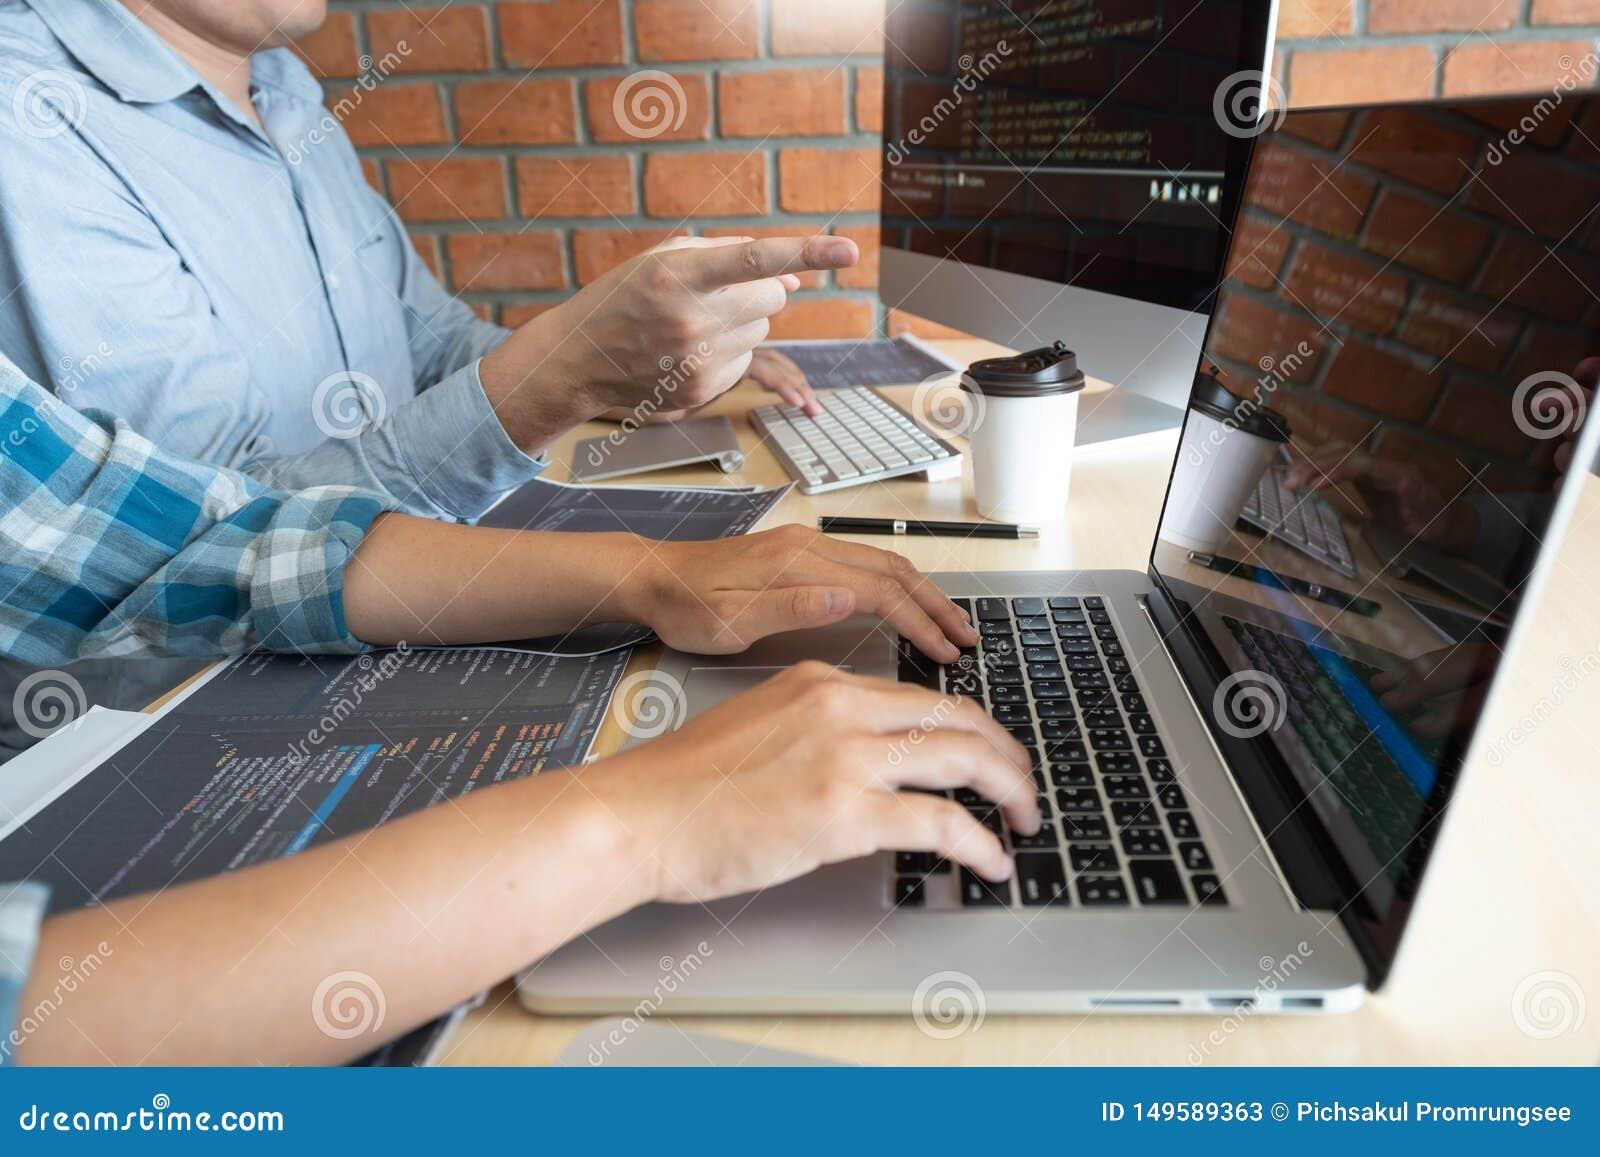 Сотруднические технологии разработчика вебсайта инженеров по программному обеспечению работы или кодирвоание программиста работая